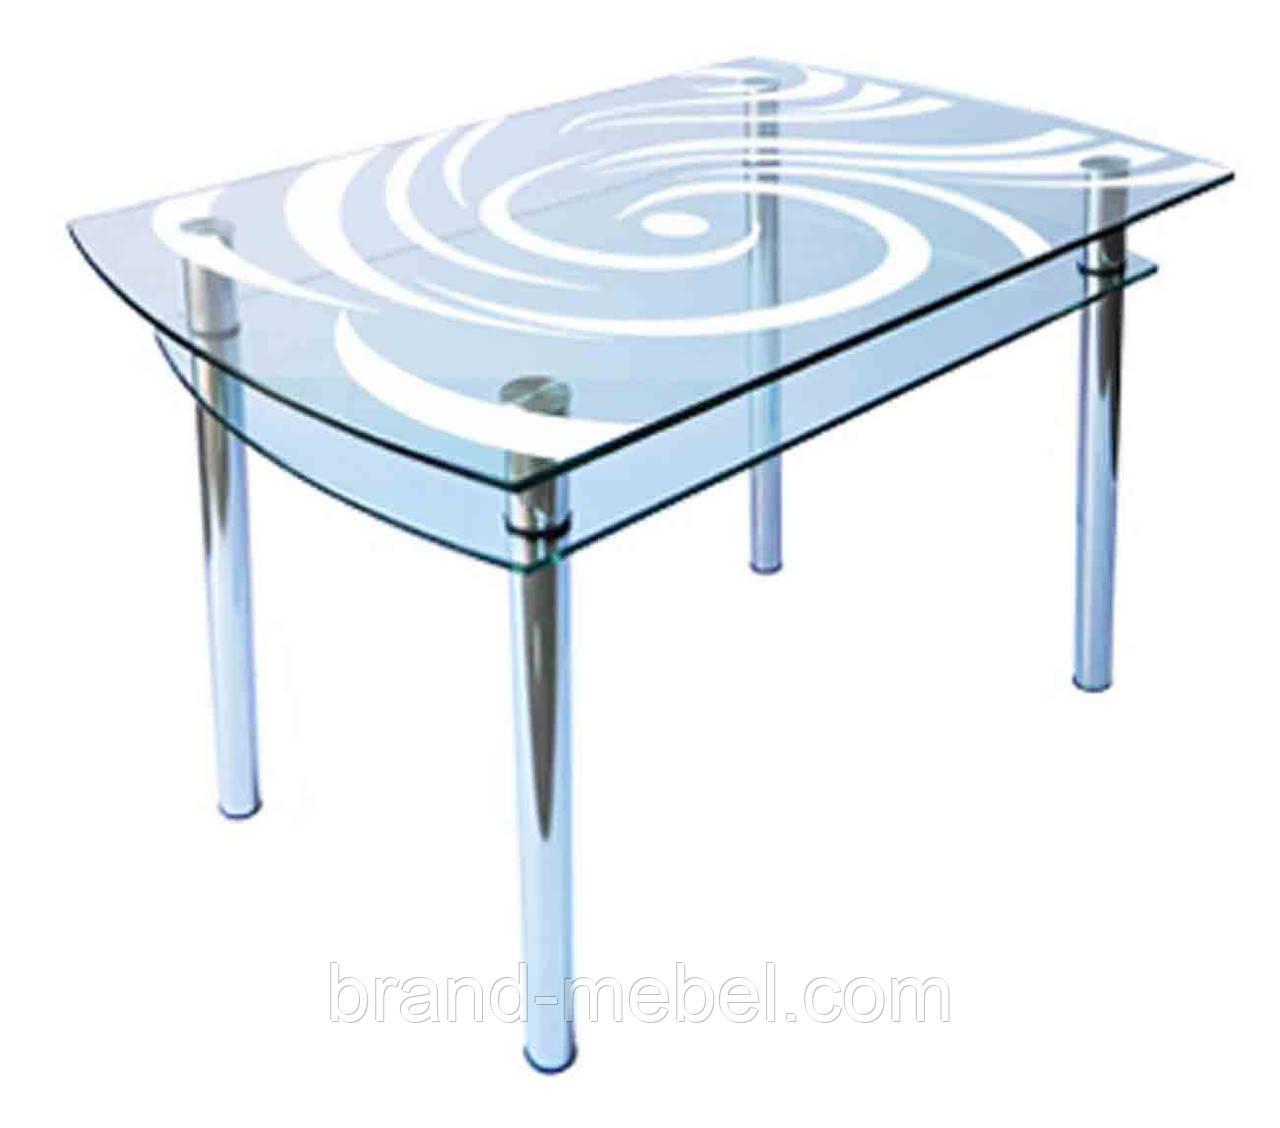 Стол стеклянный КС-4 пескоструй